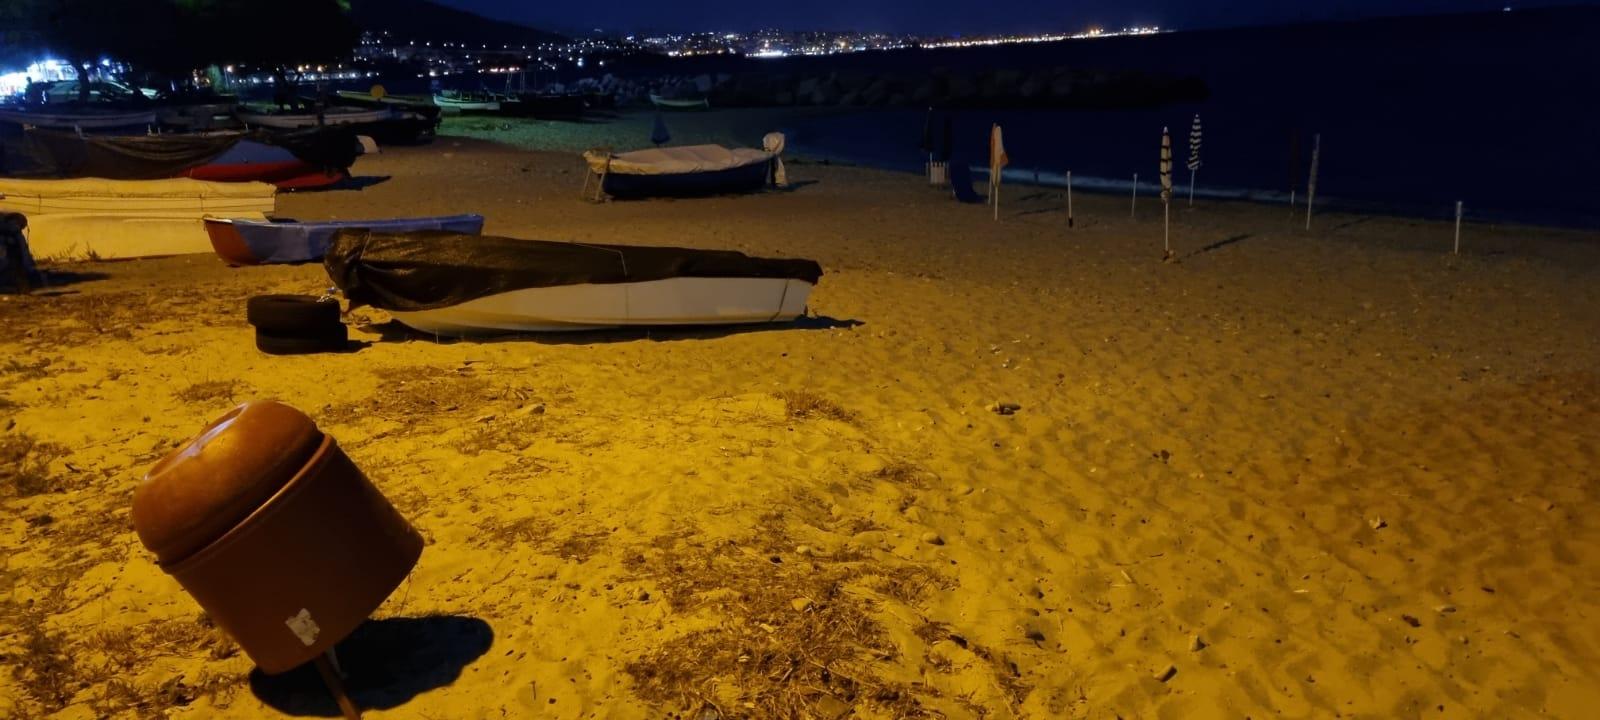 """Gallico, se la spiaggia diventa """"privata"""": decine di ombrelloni piantati giorno e notte"""